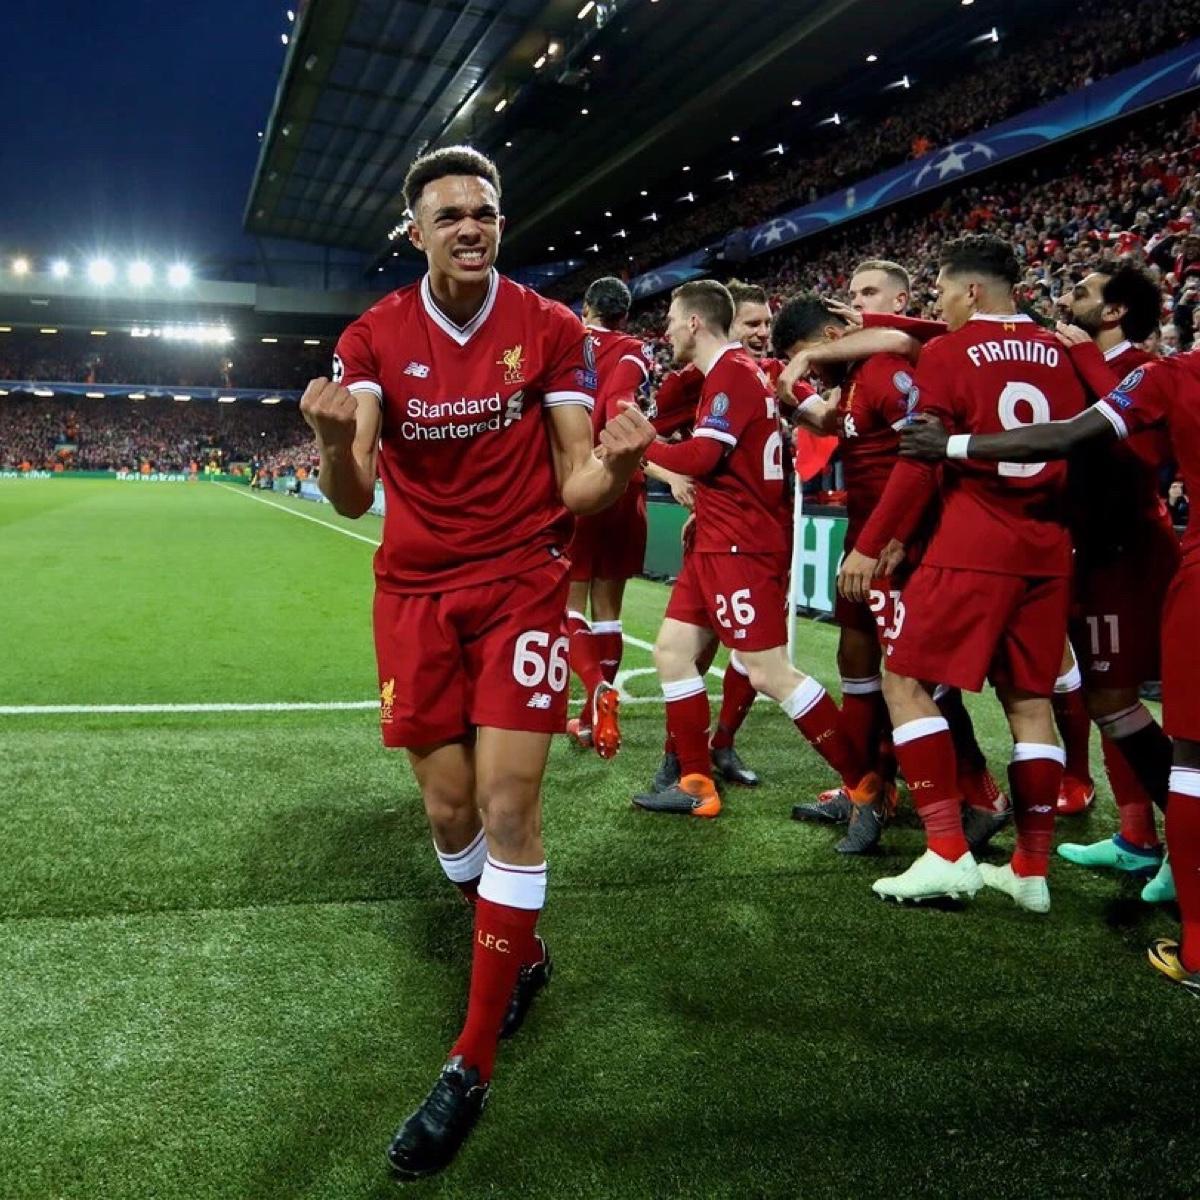 利物浦的冠军奖杯